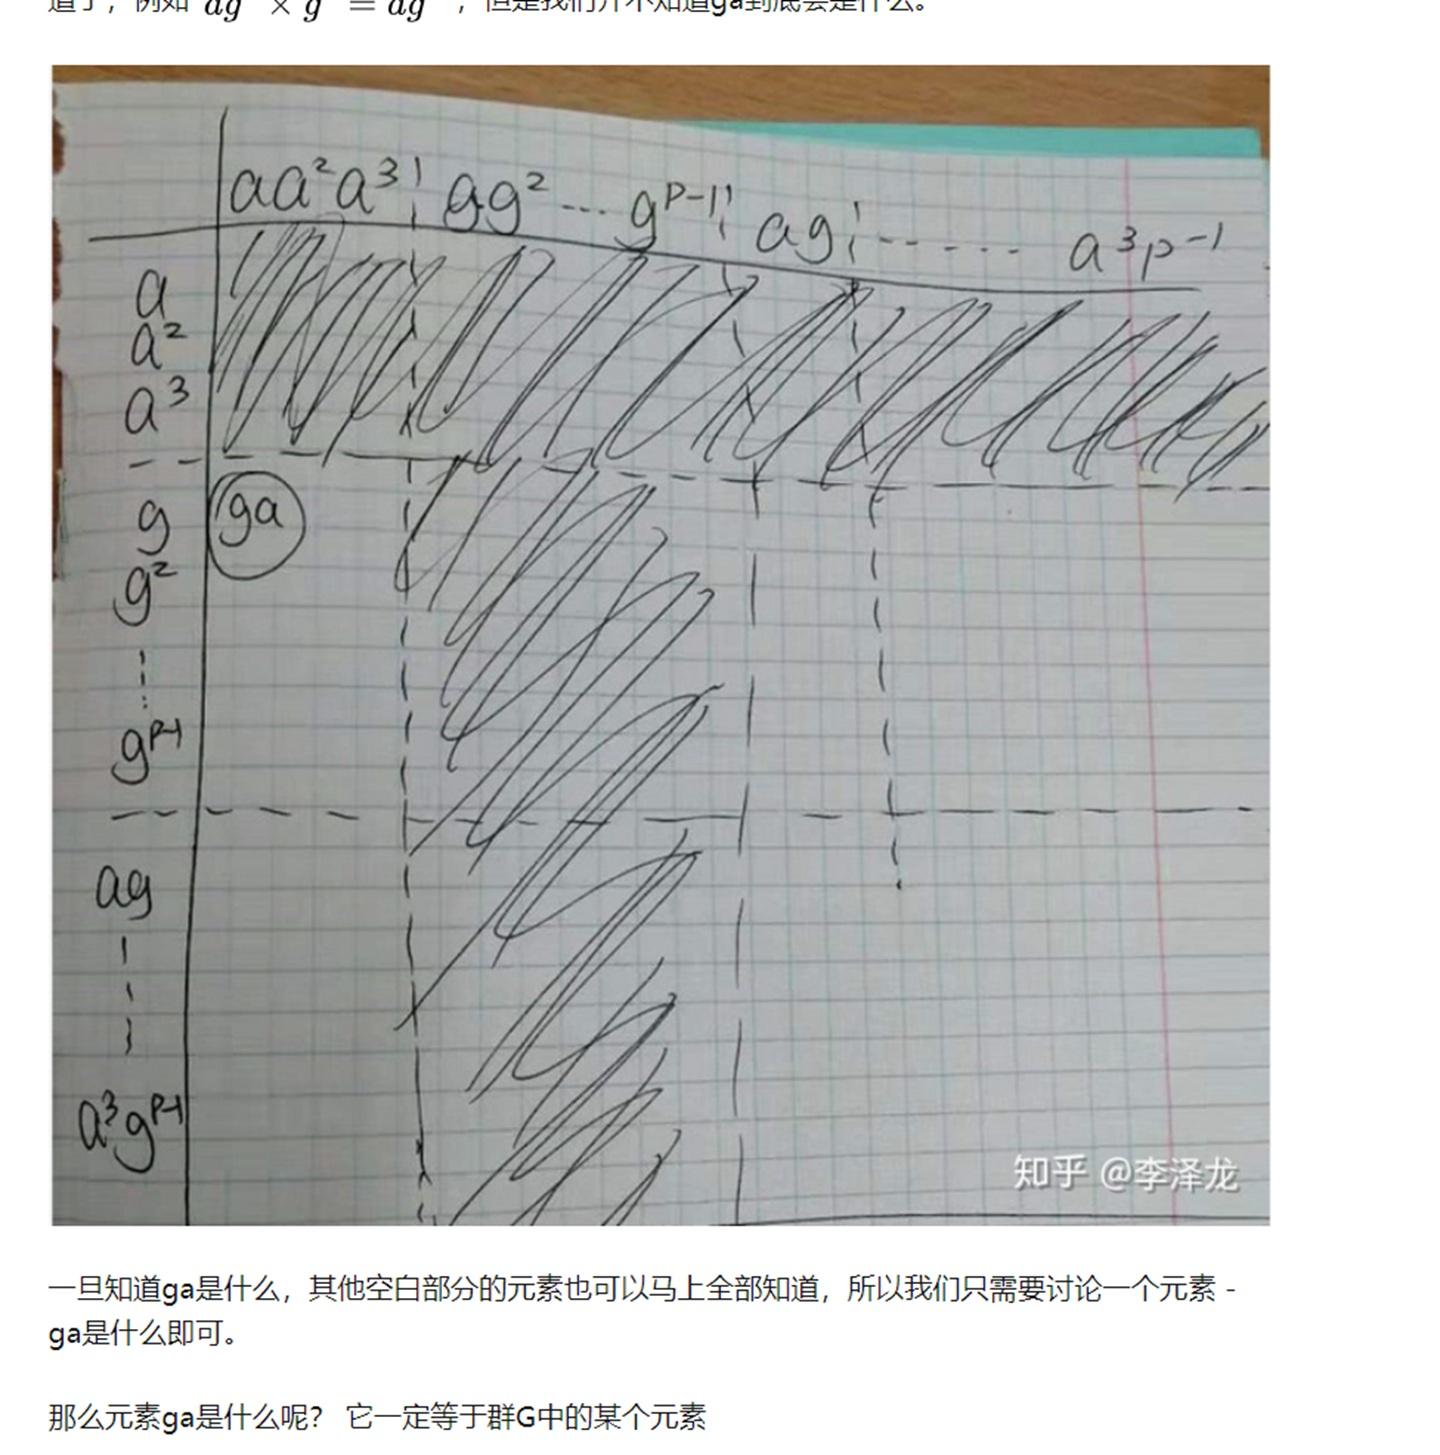 俄罗斯留学就读数学专业有多难?本科需要学多少东西?插图11-小狮座俄罗斯留学